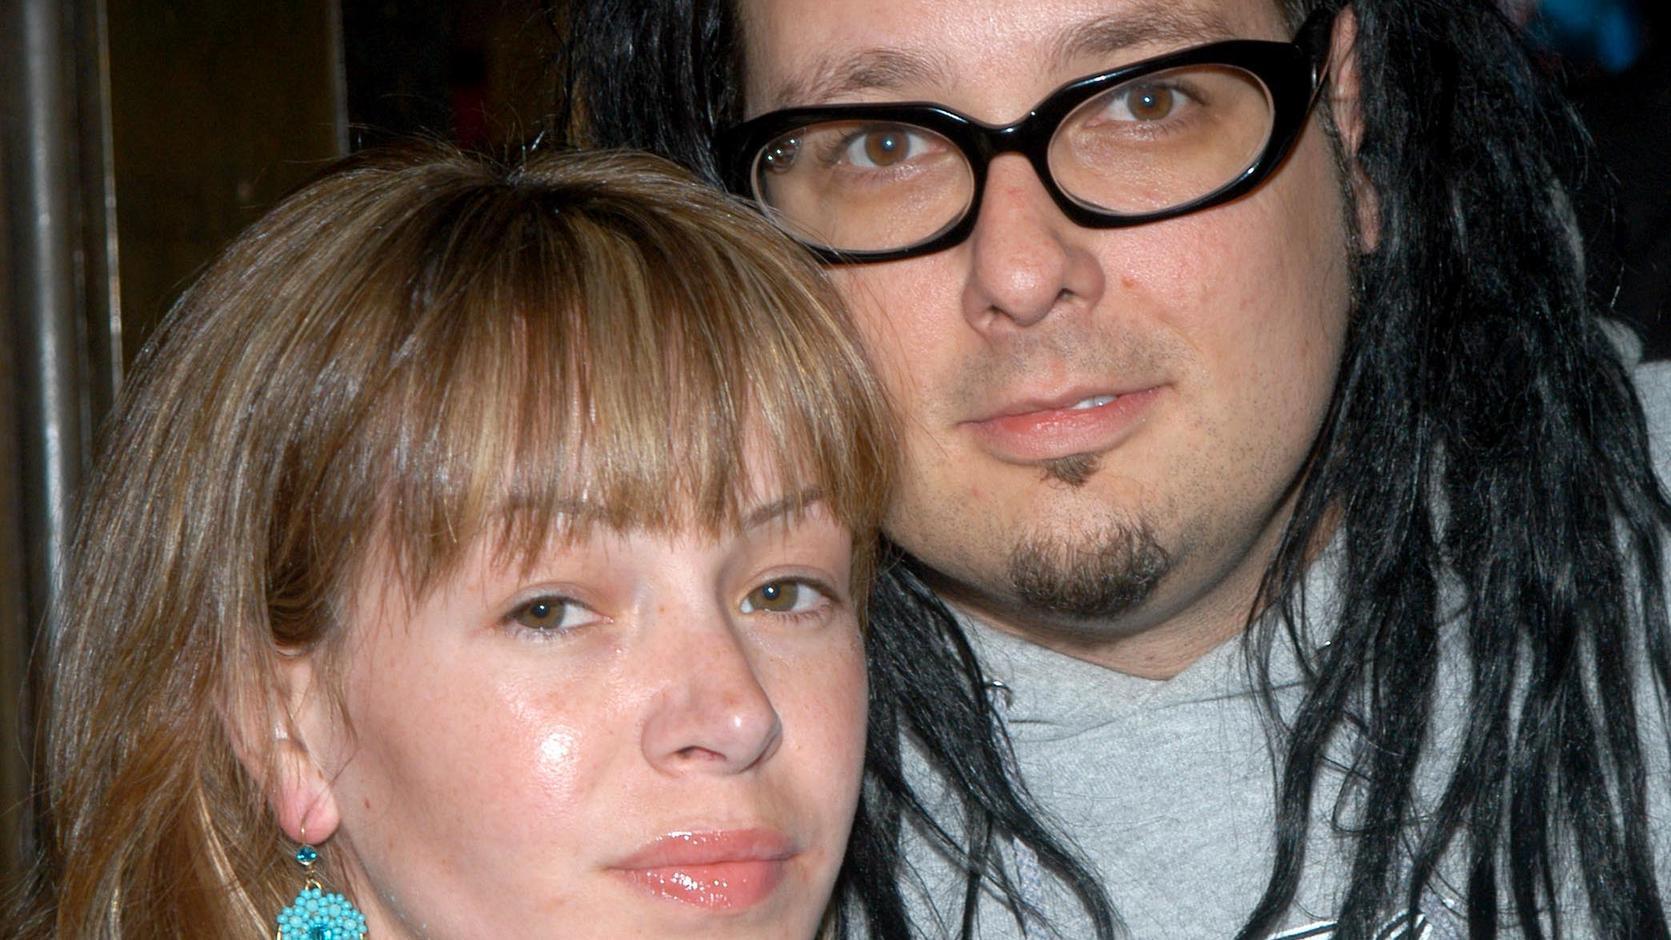 Deven Davis ist tot - Frau von Korn-Sänger stirbt mit 39 Jahren